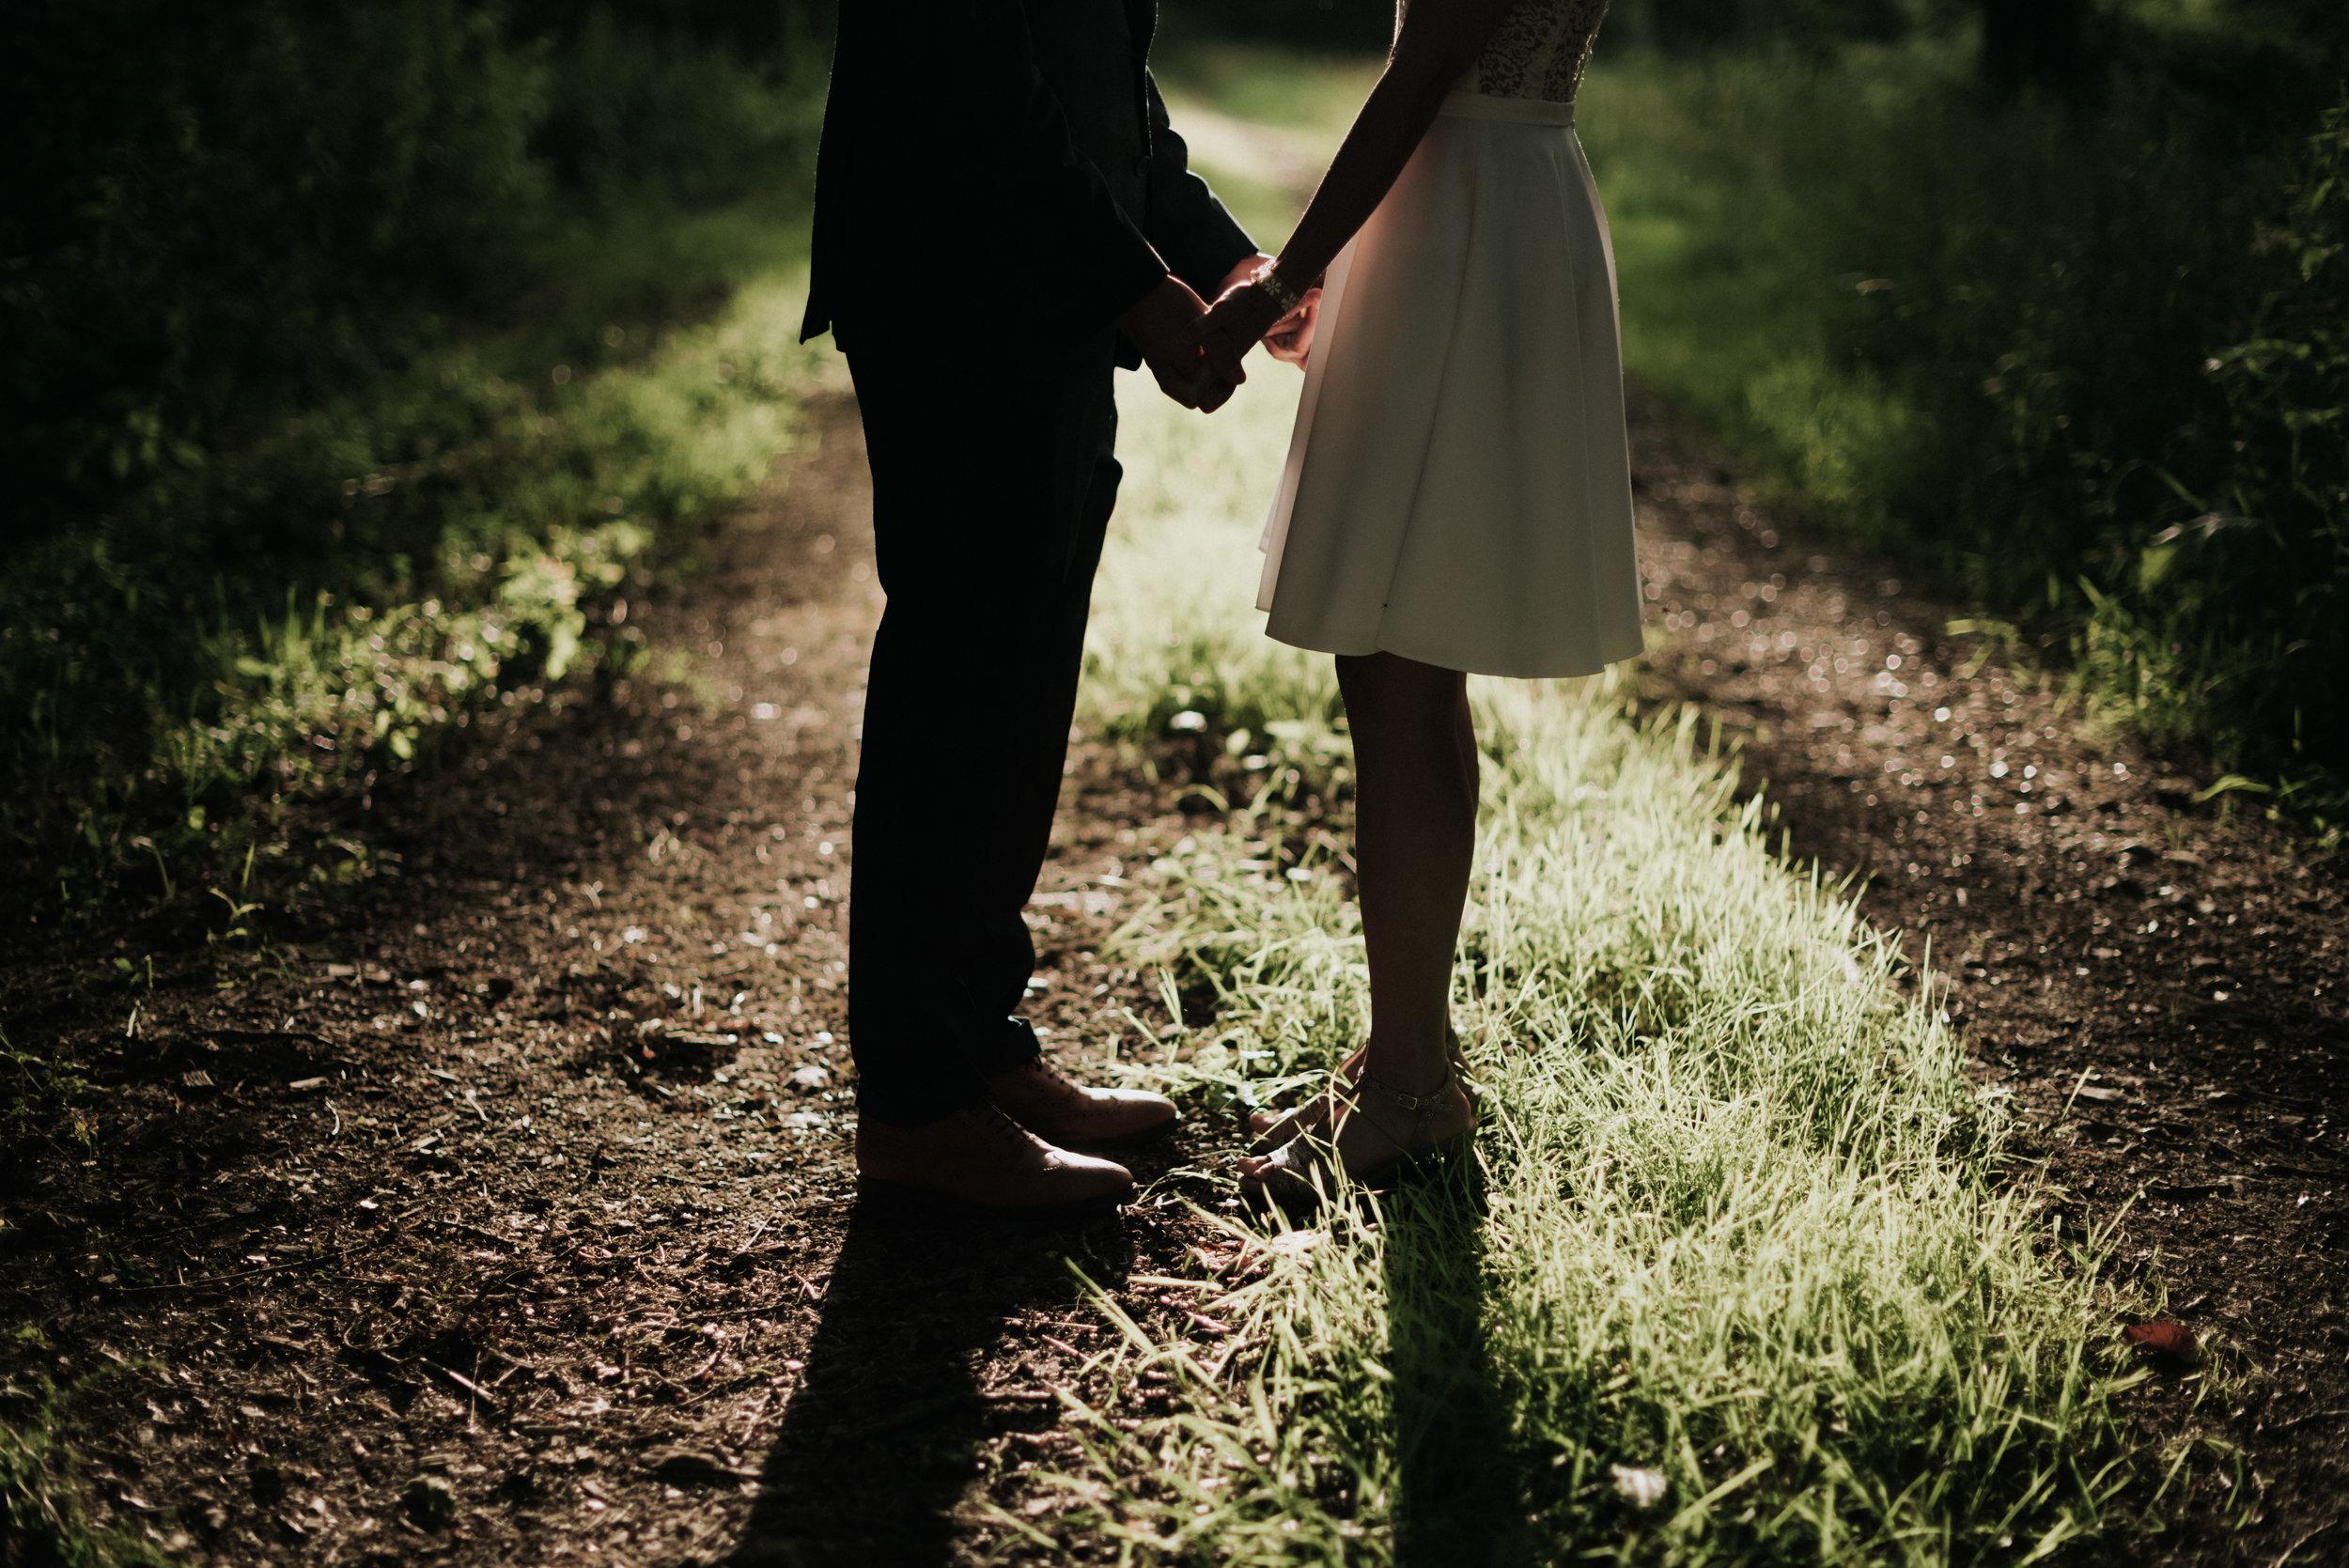 Léa-Fery-photographe-professionnel-lyon-rhone-alpes-portrait-creation-mariage-evenement-evenementiel-famille-6063.jpg